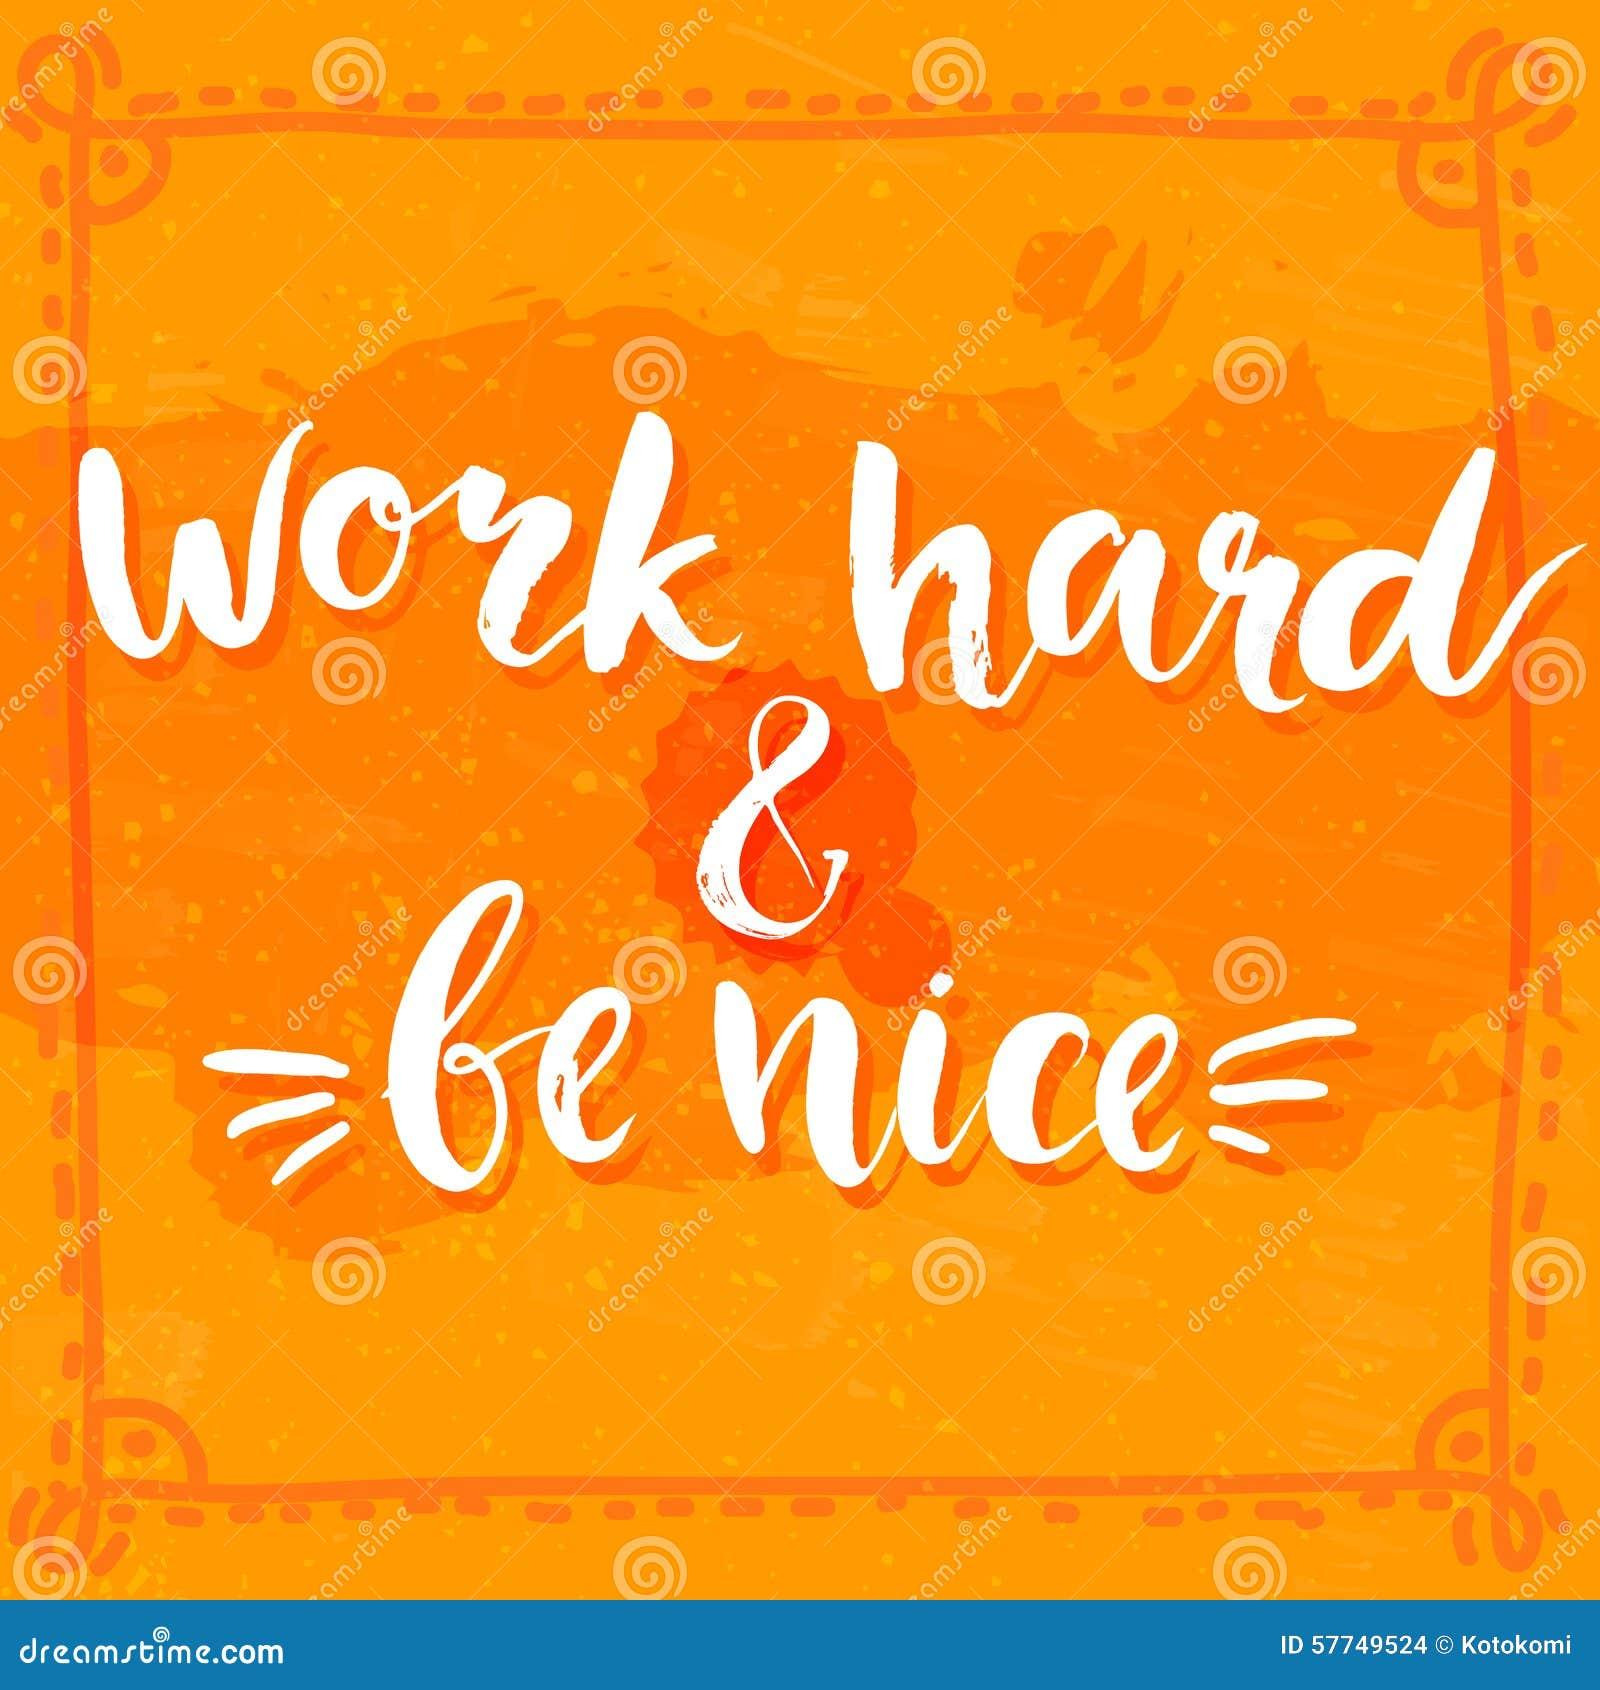 Работайте крепко и славный - мотивационная цитата